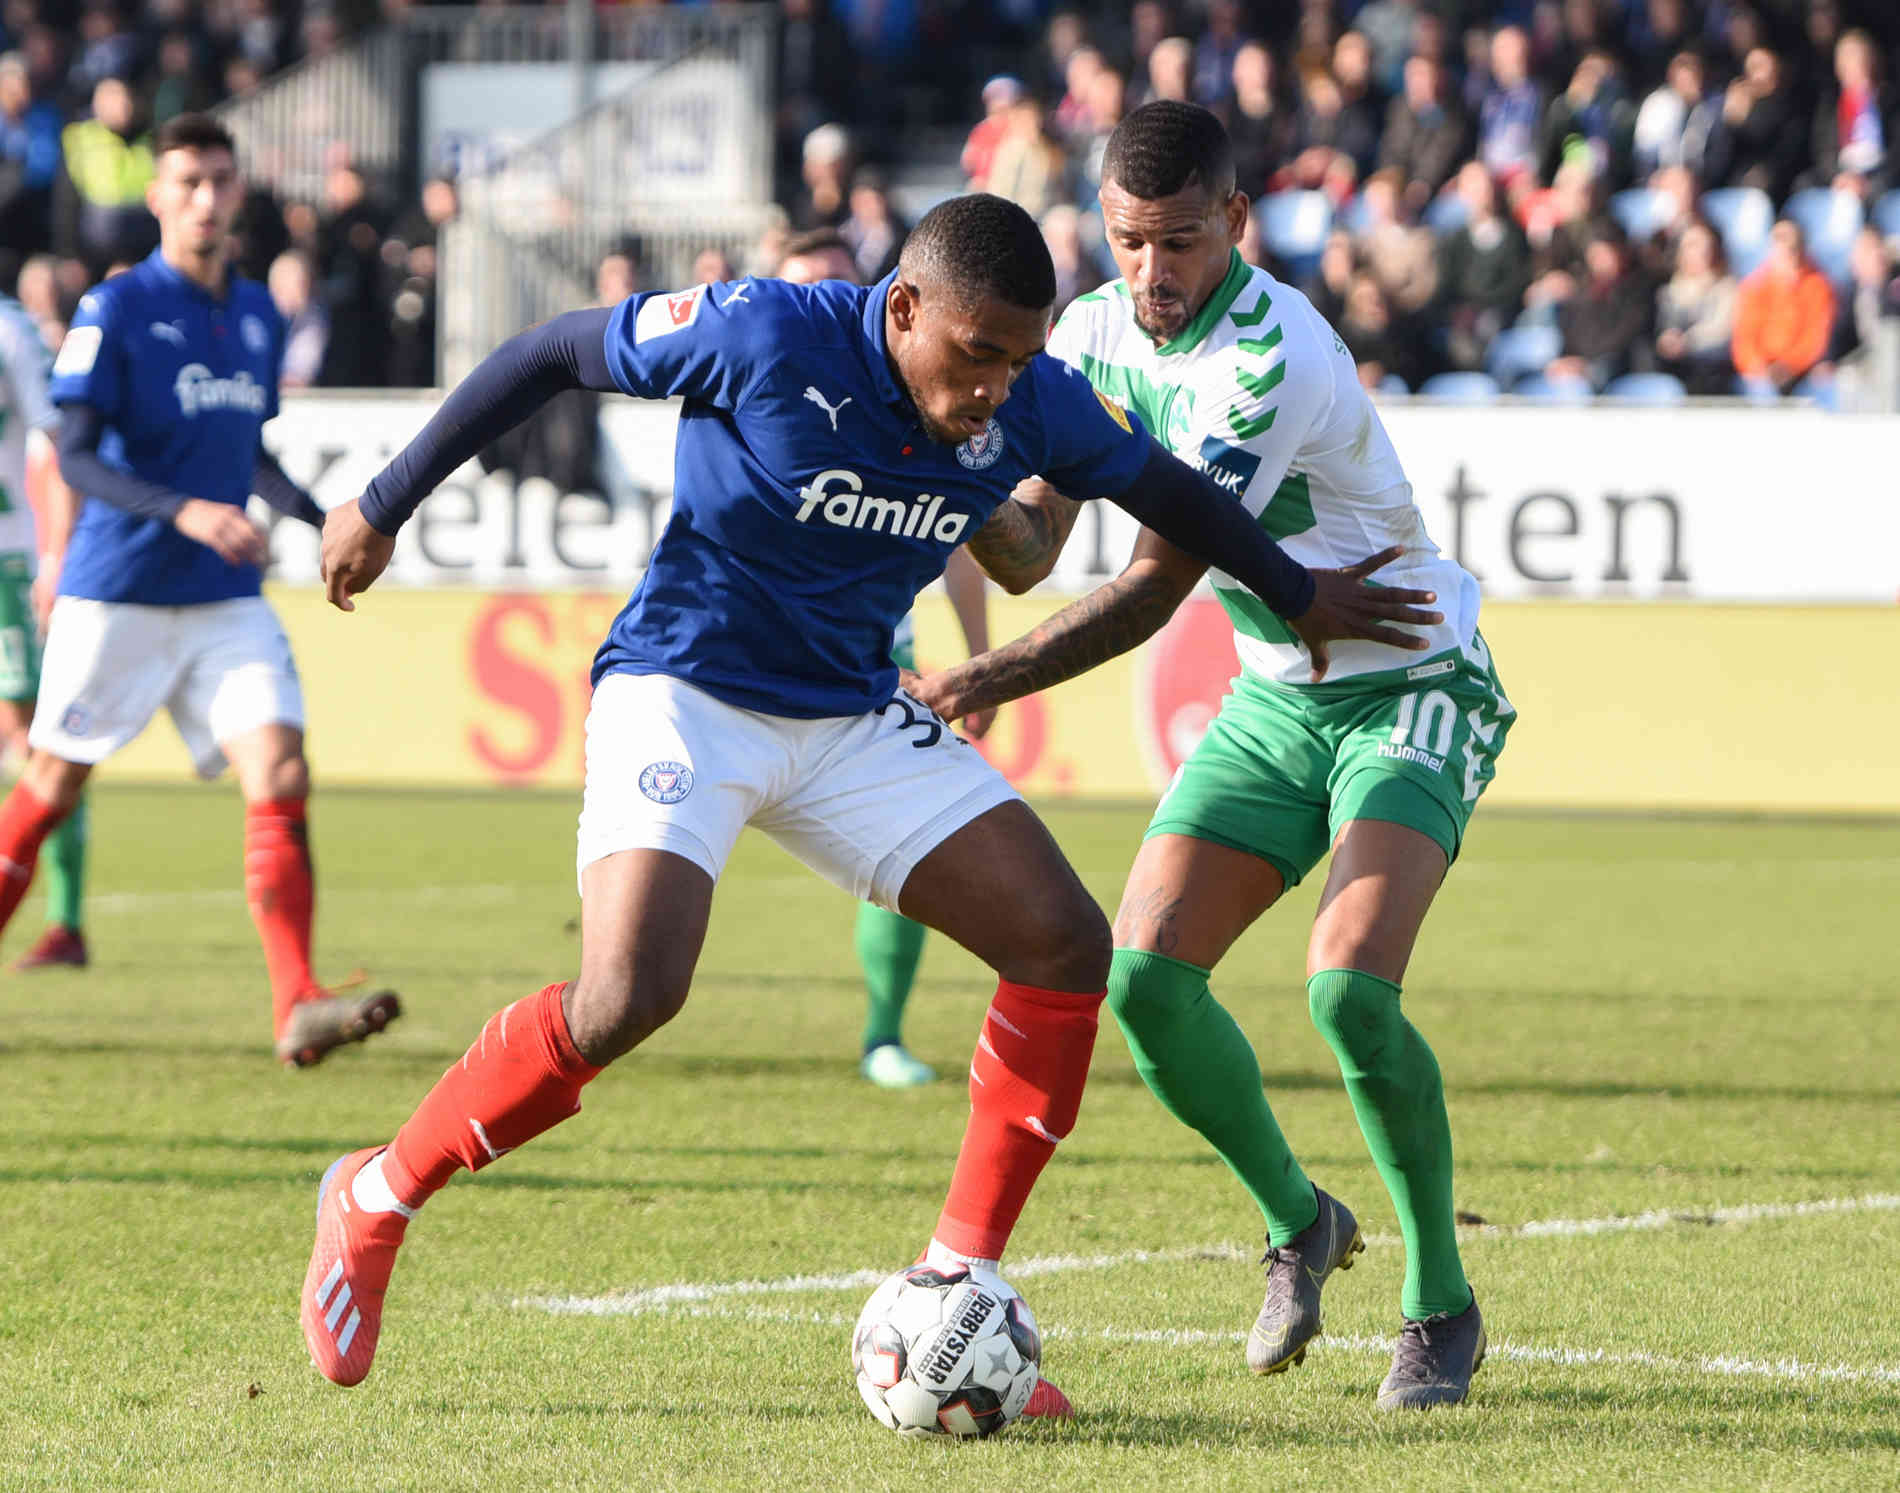 Holstein Kiel Und Spvgg Greuther Furth Trennen Sich 2 2